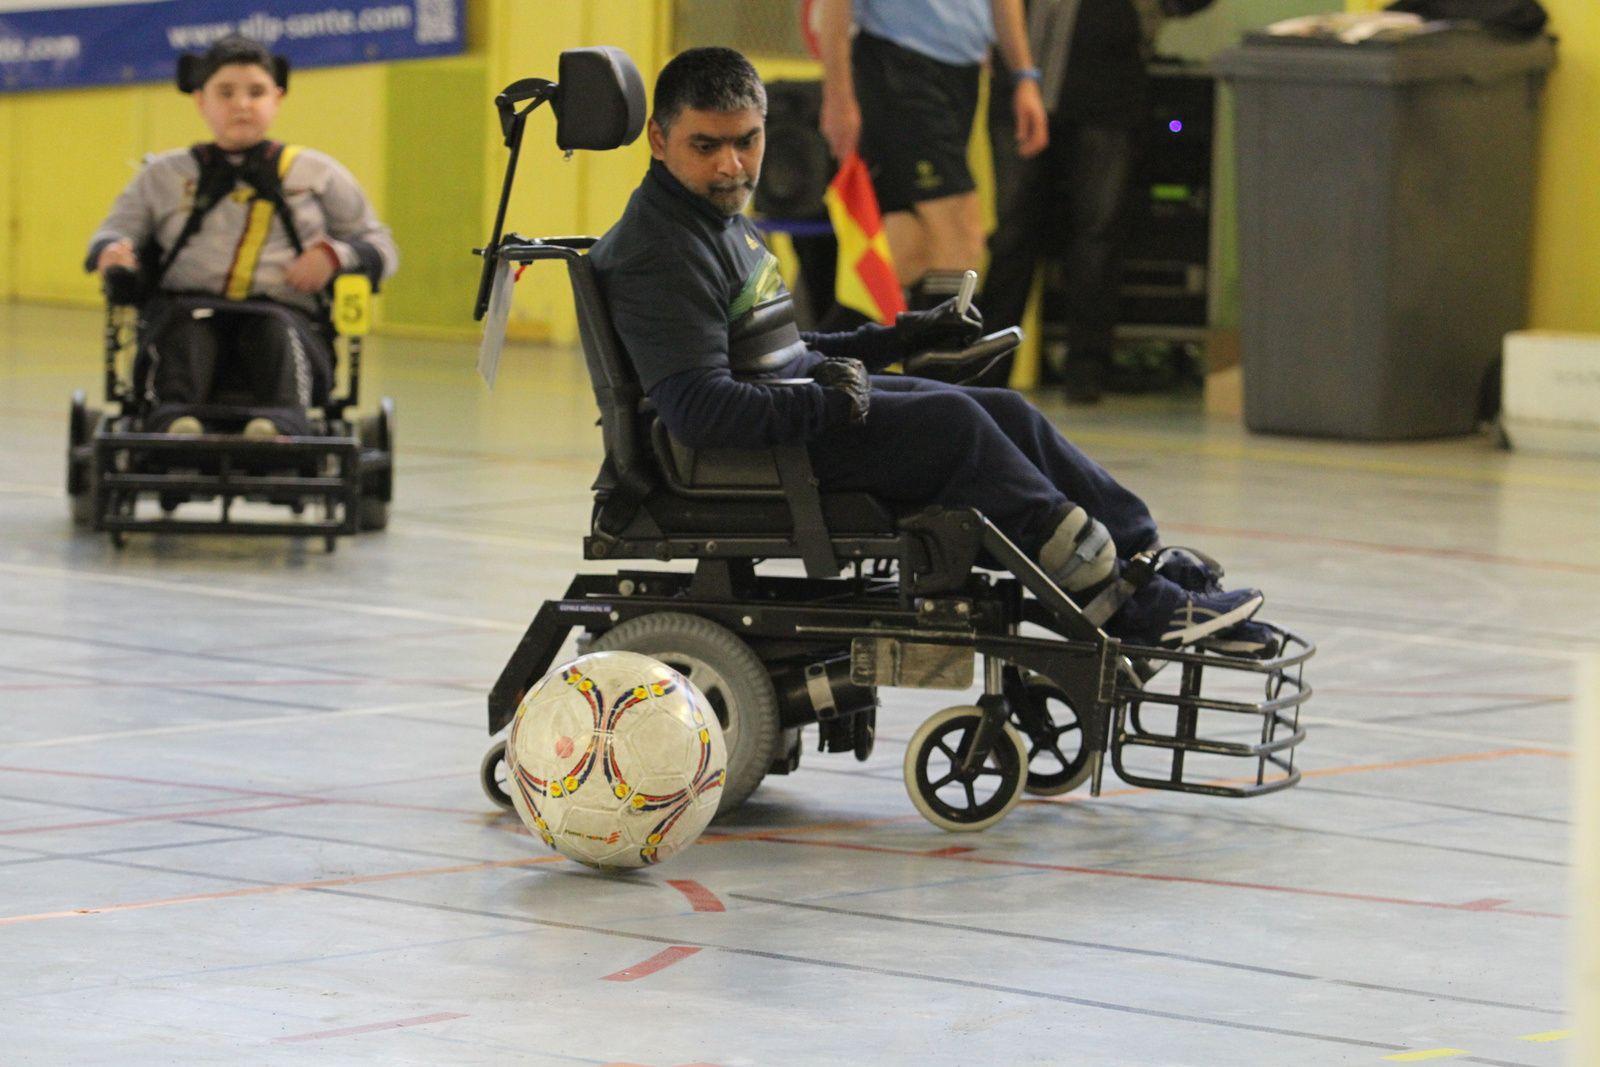 L'équipe d'Handisport Lyonnais de foot-fauteuil  a assuré son maintien Division 2 nationale